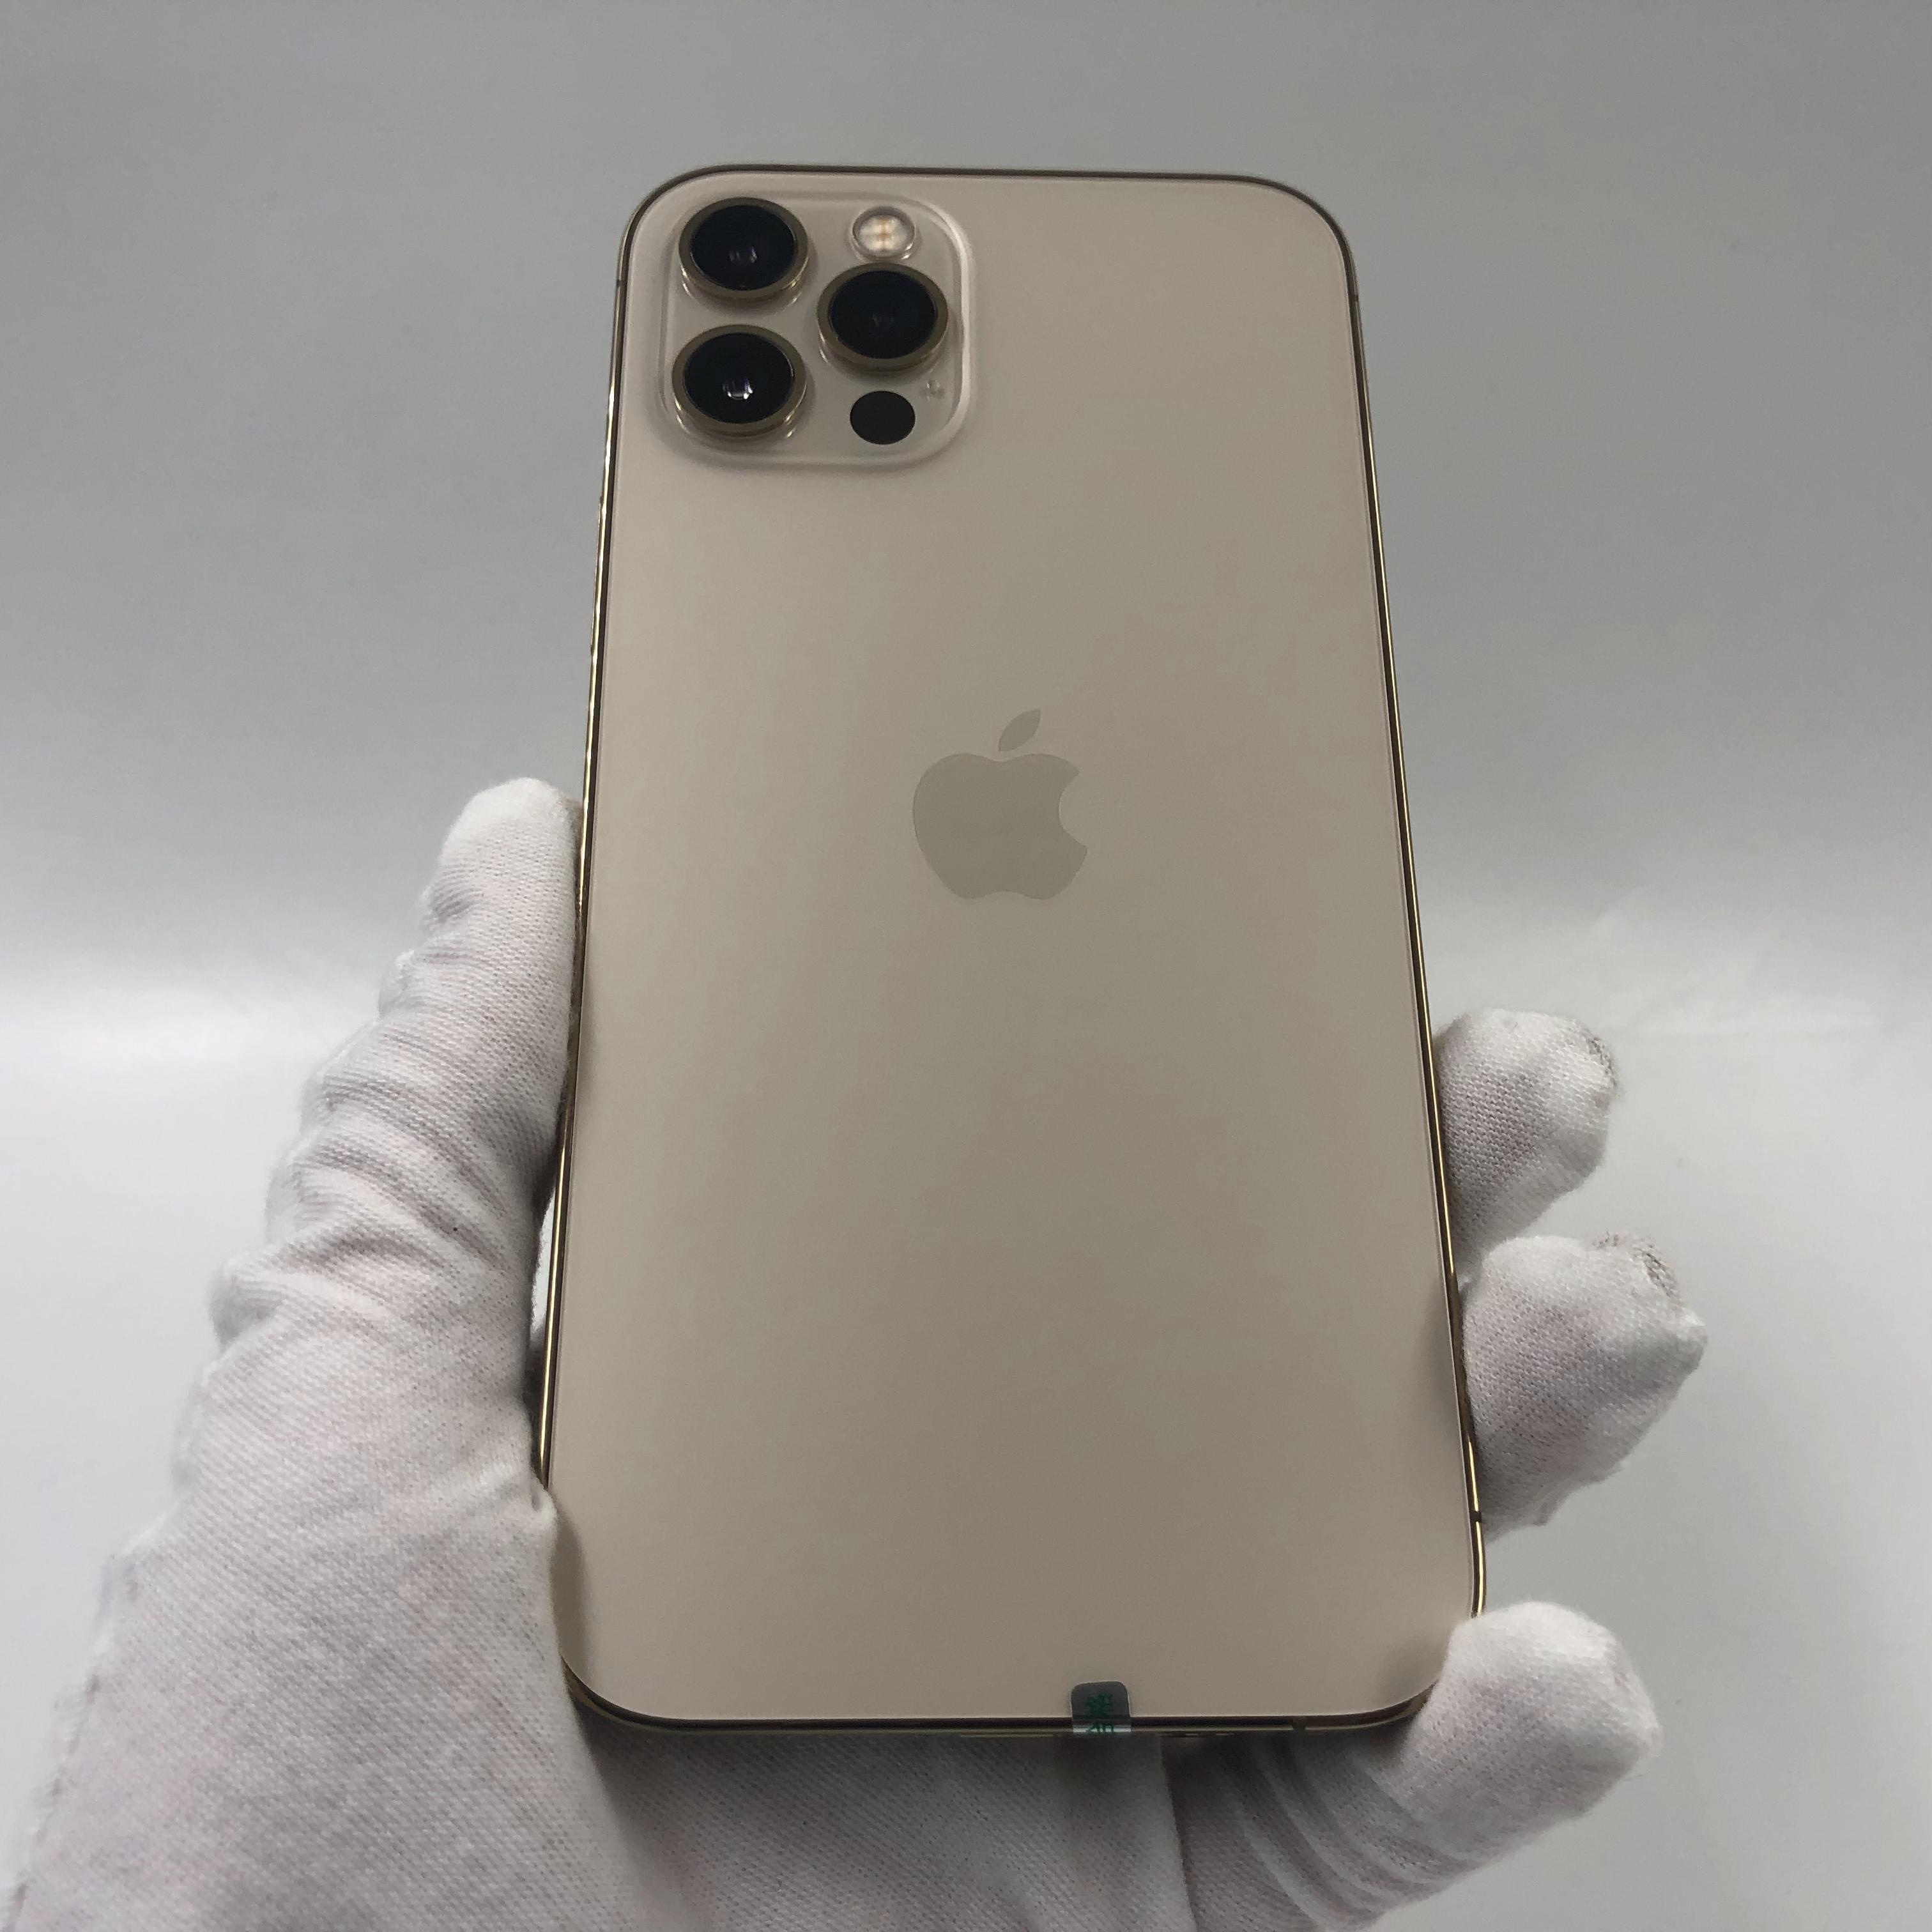 苹果【iPhone 12 Pro】5G全网通 金色 128G 国行 95新 真机实拍官保2022-05-05